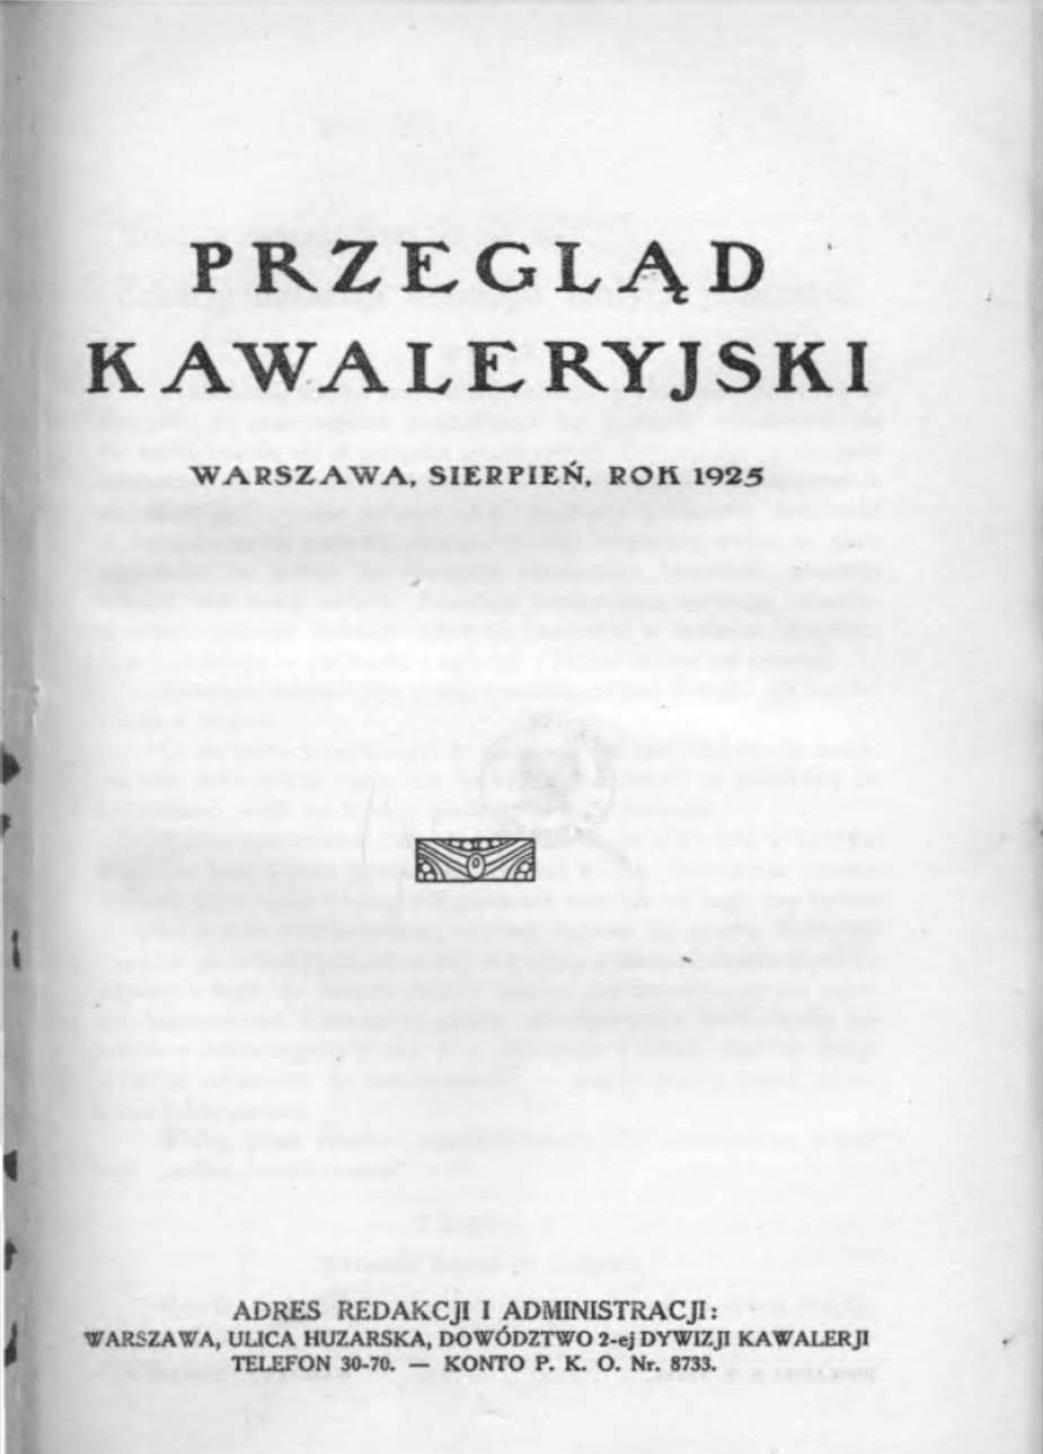 Przegląd Kawaleryjski 1925 zeszyt nr 4